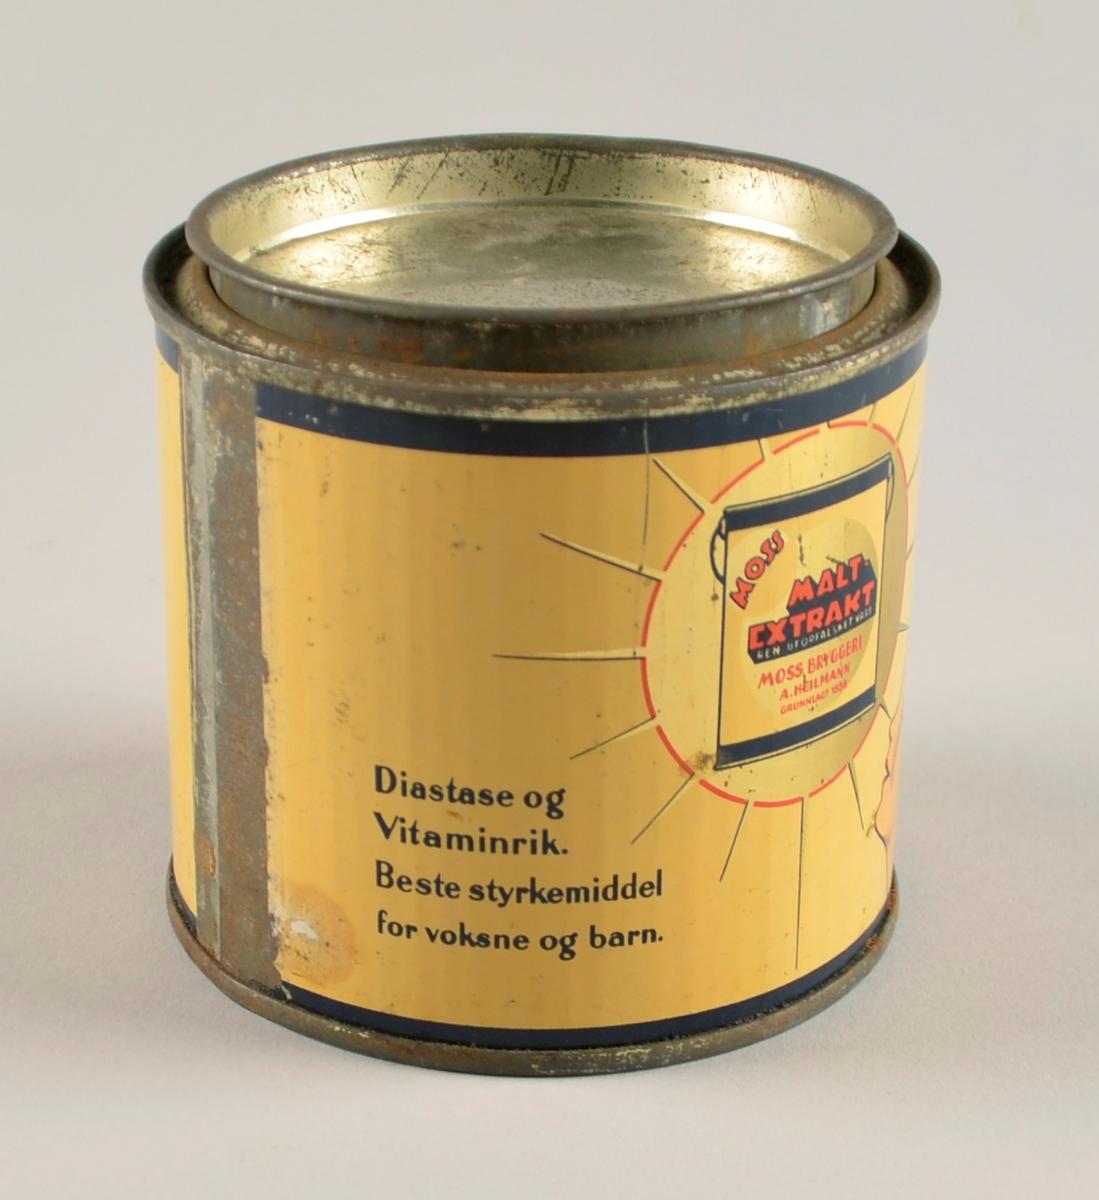 Boks med laust lok i jarnblikk med laus tobakk og ei pakke med tobakk oppi. Tekst og figurar i raudt, svart, mørk blått og gull  på lys gul botn. Tokakkspappa i voksa lys brunt papir med skrift og bilete i raudt og gult.